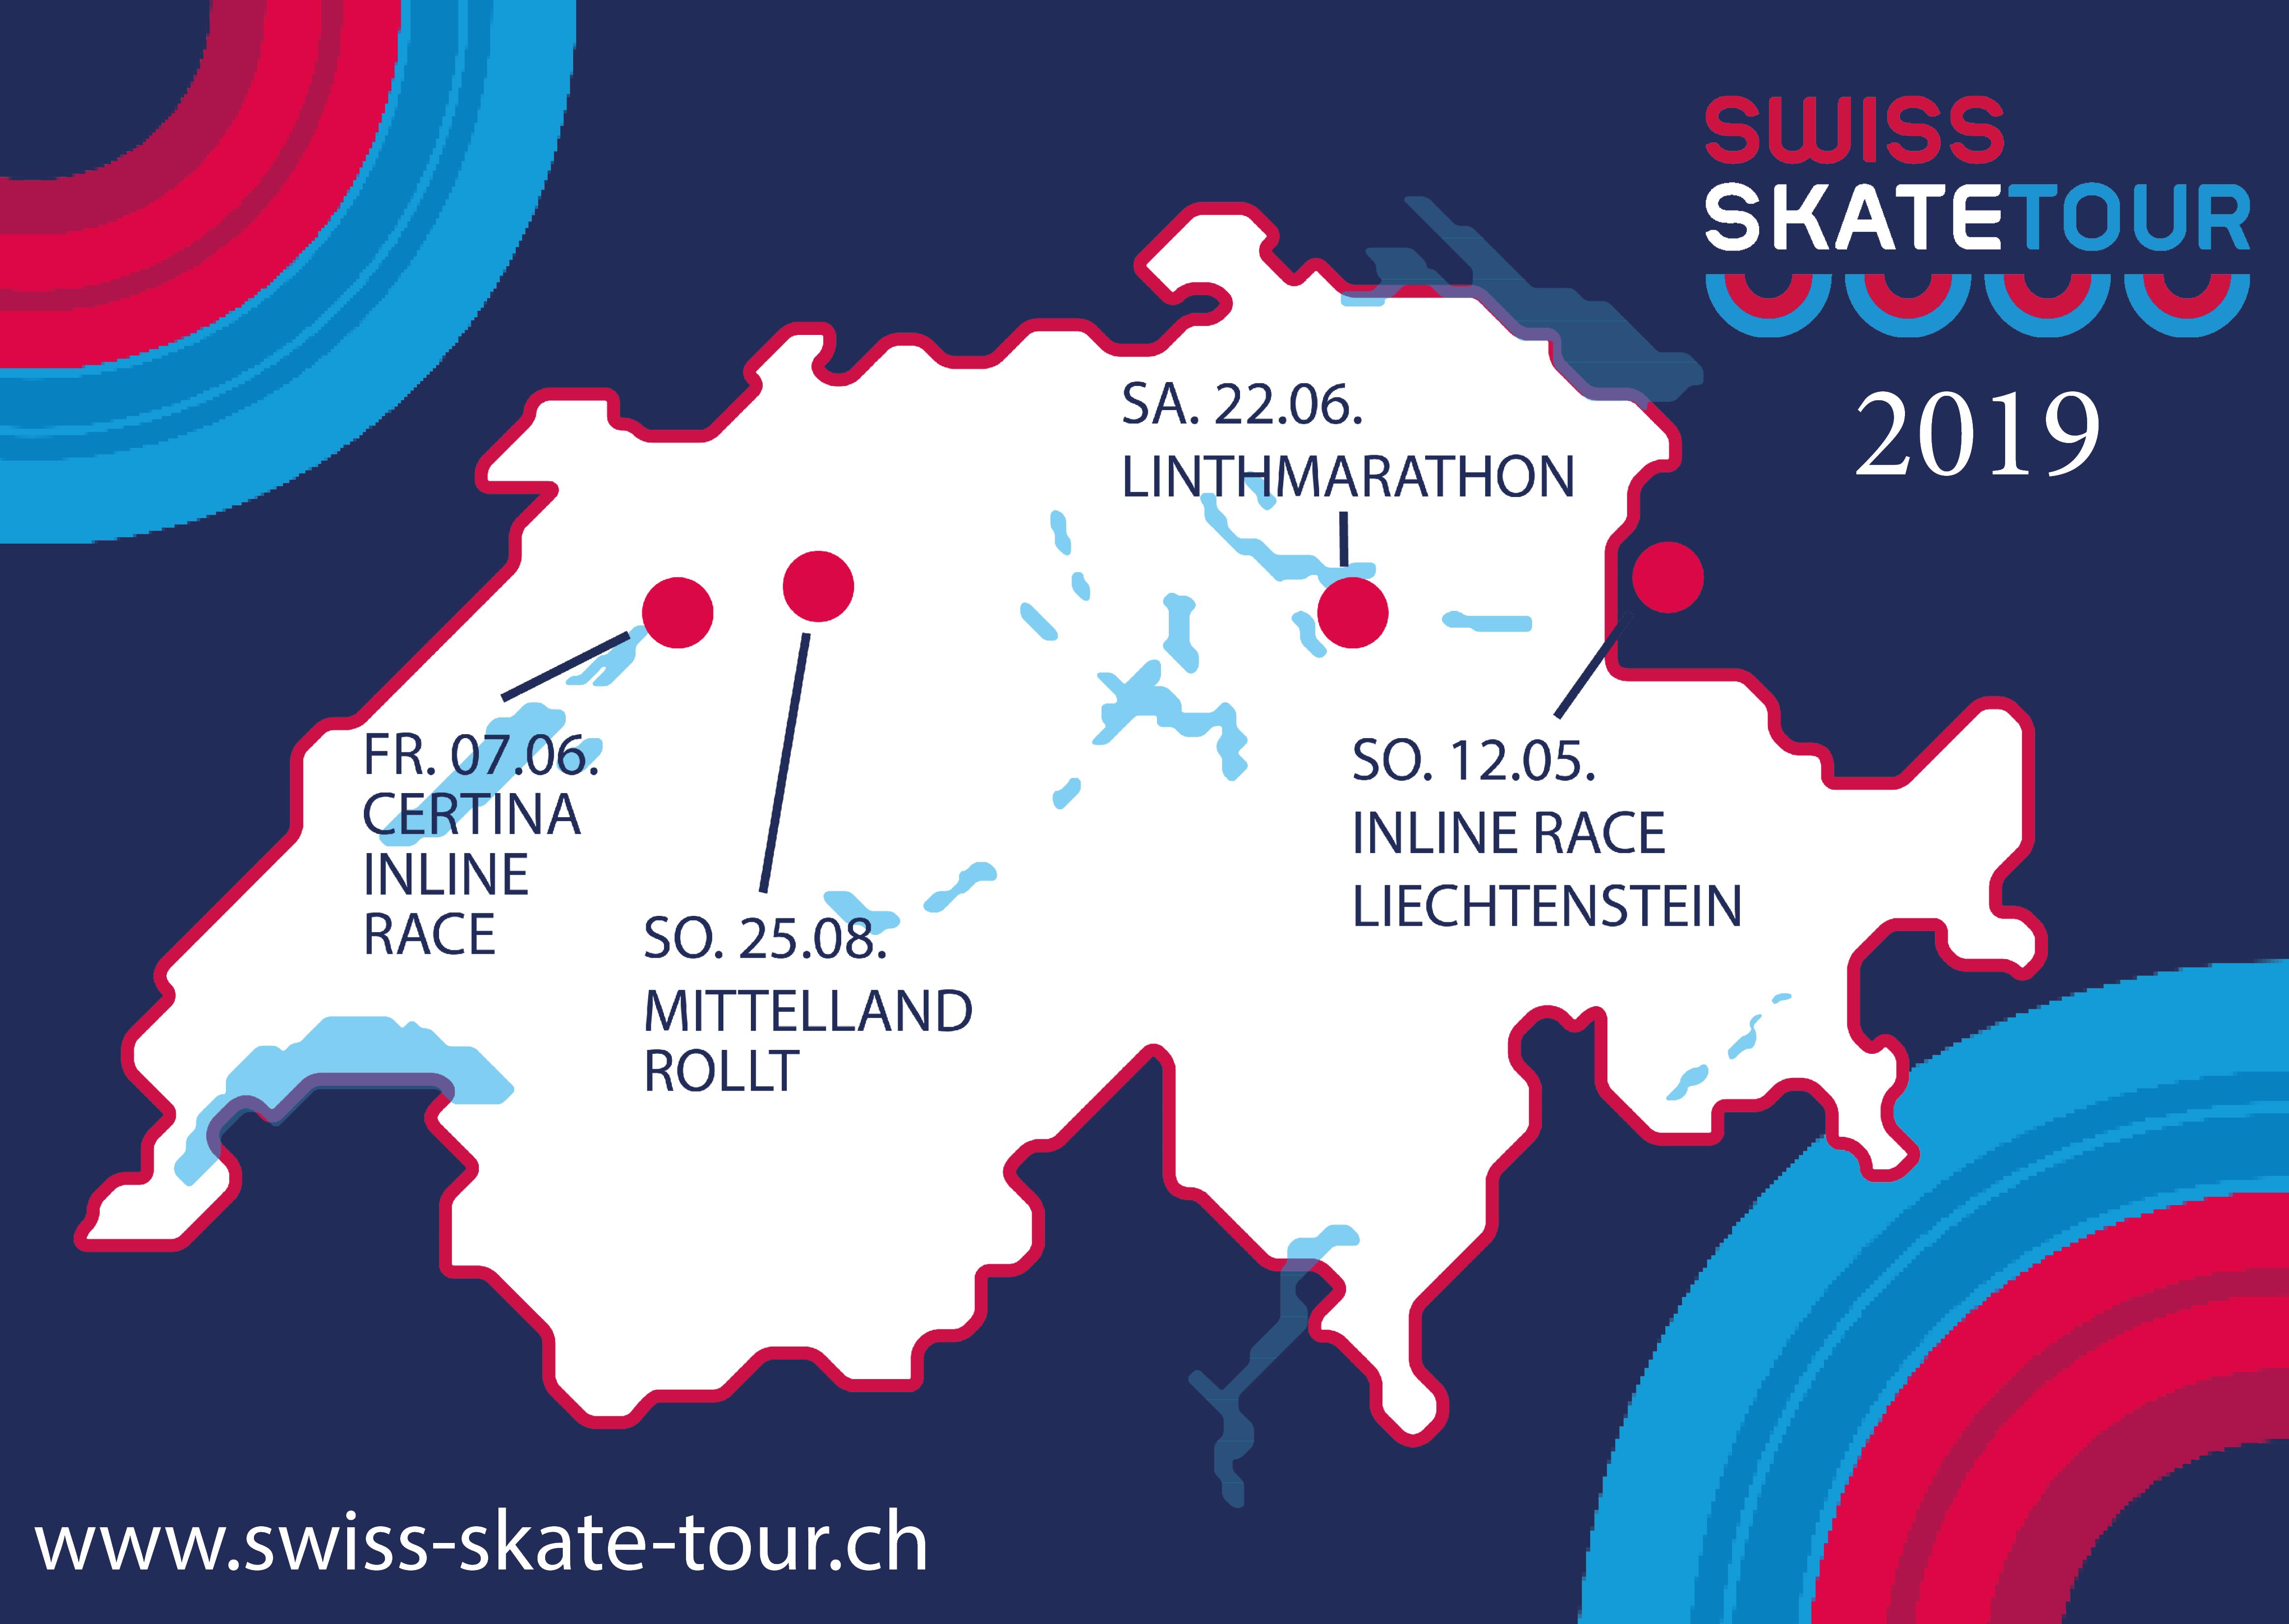 Swiss Skate Tour 2019 mit 4 Etappen und neuem Organisator